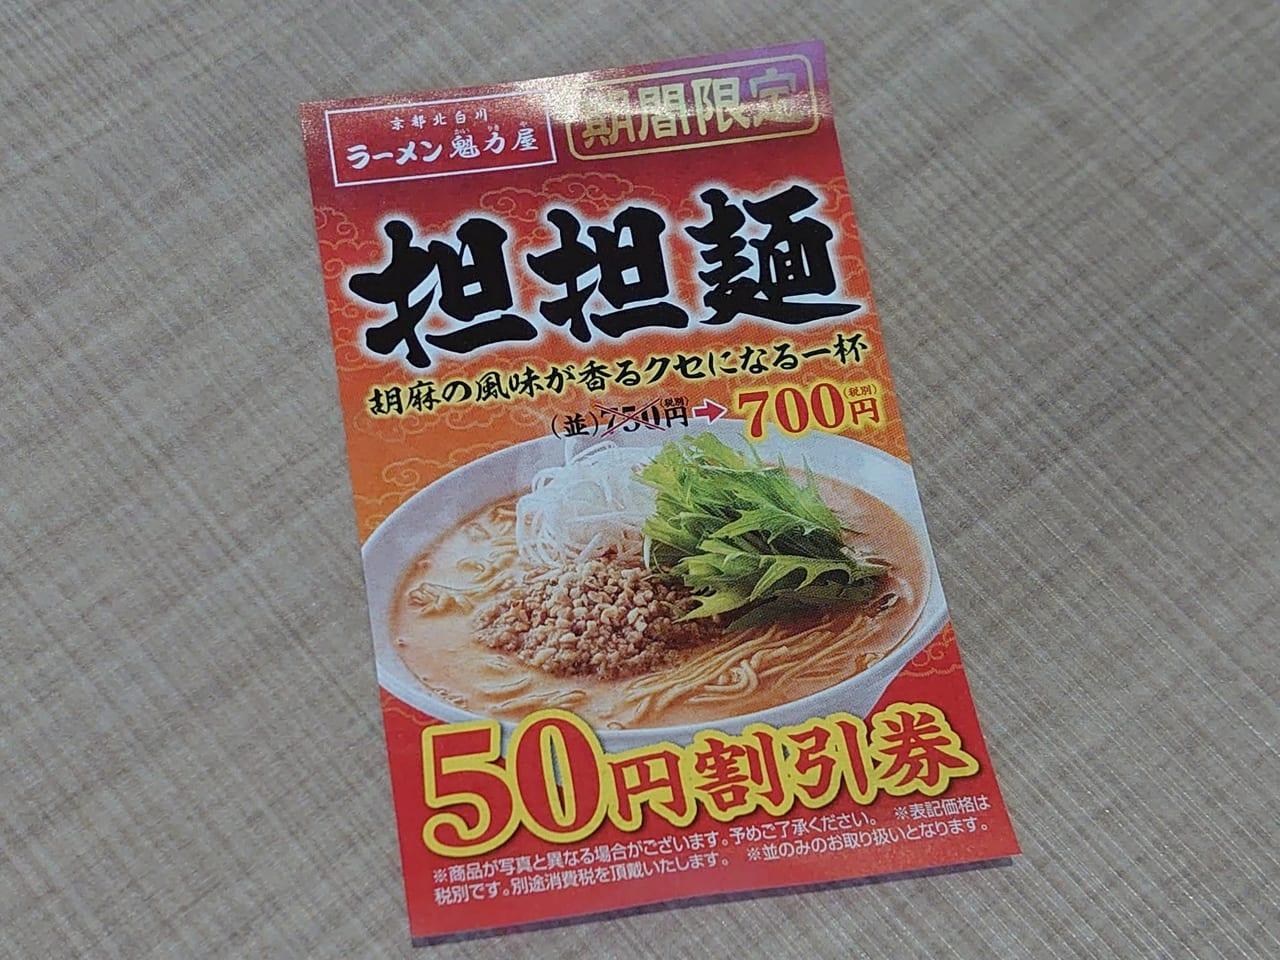 魁力屋の担担麺50円割引券